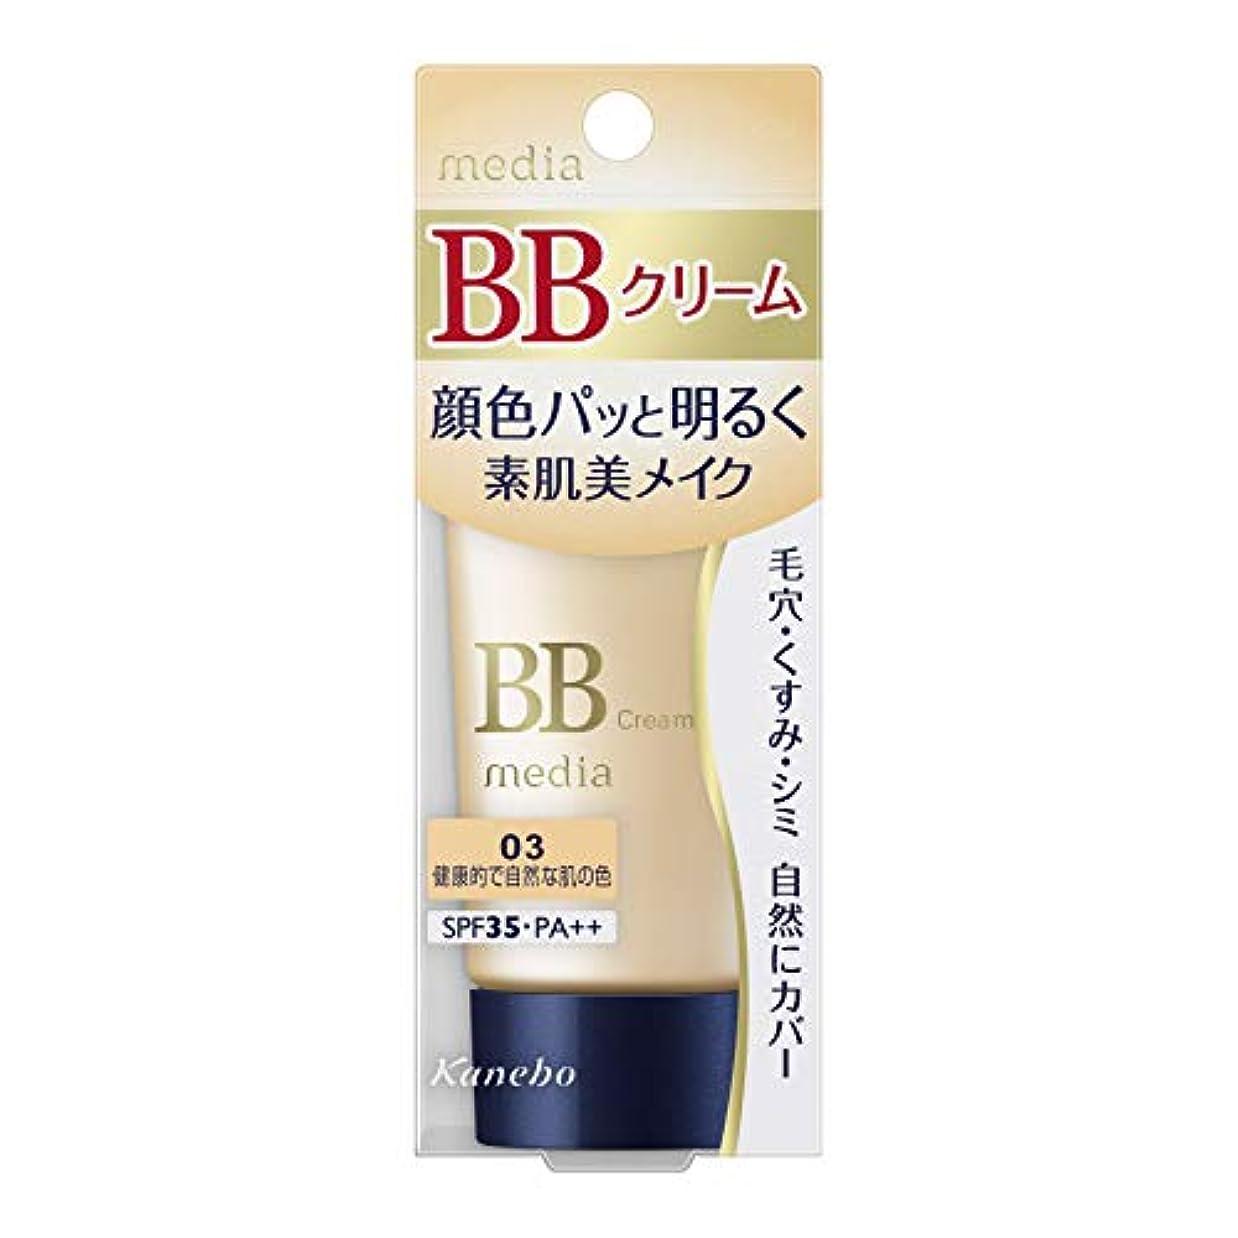 ミリメートルアブセイ最小カネボウ化粧品 メディア BBクリームS 03 35g